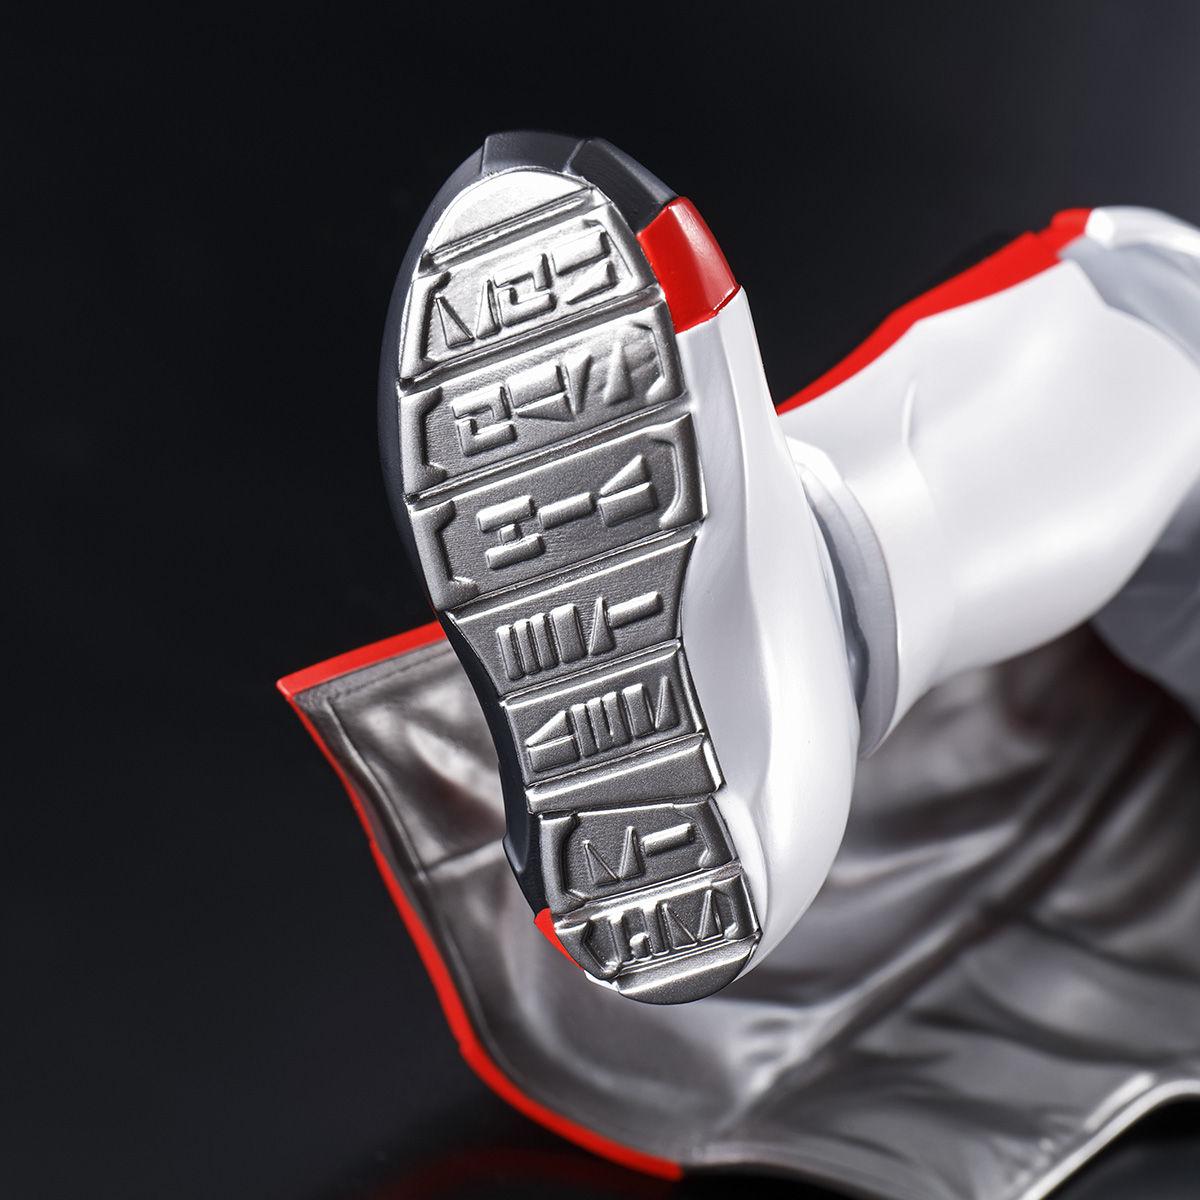 【限定販売】特大HEROES『仮面ライダーセイバー ブレイブドラゴン』完成品フィギュア-007